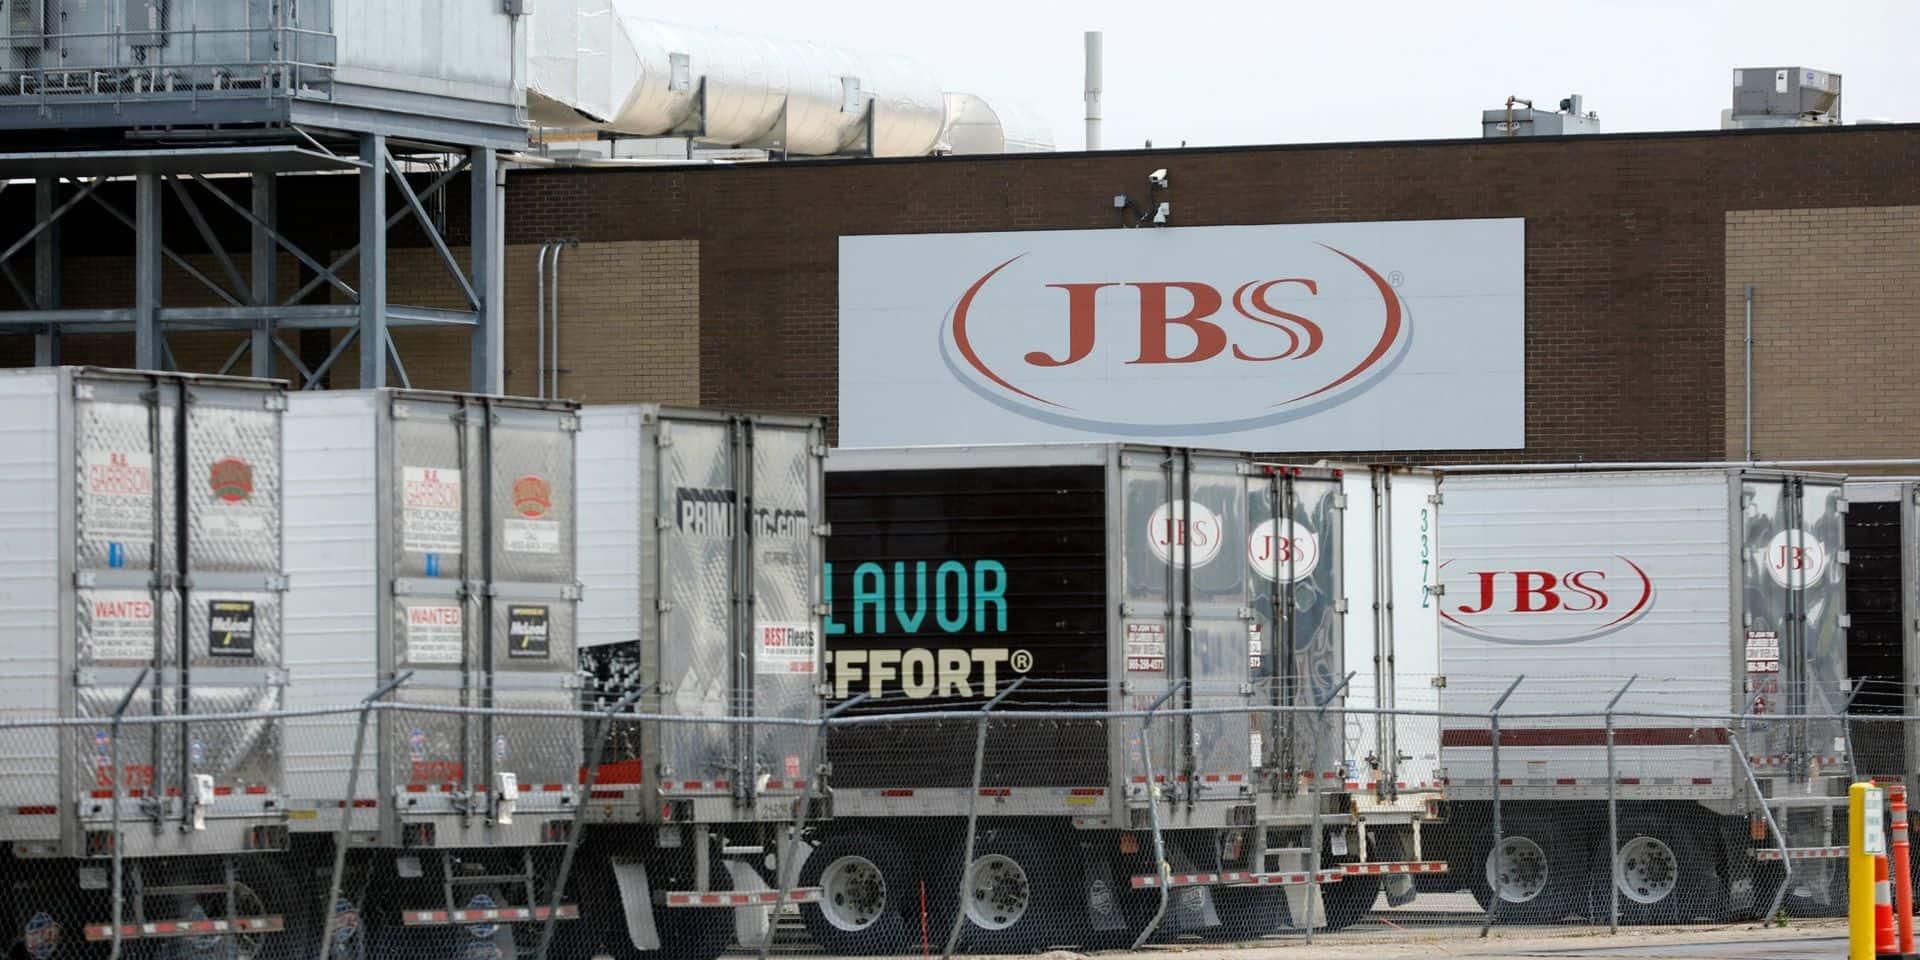 Le géant mondial de la viande JBS a payé une rançon de 11 millions de dollars à des hackeurs